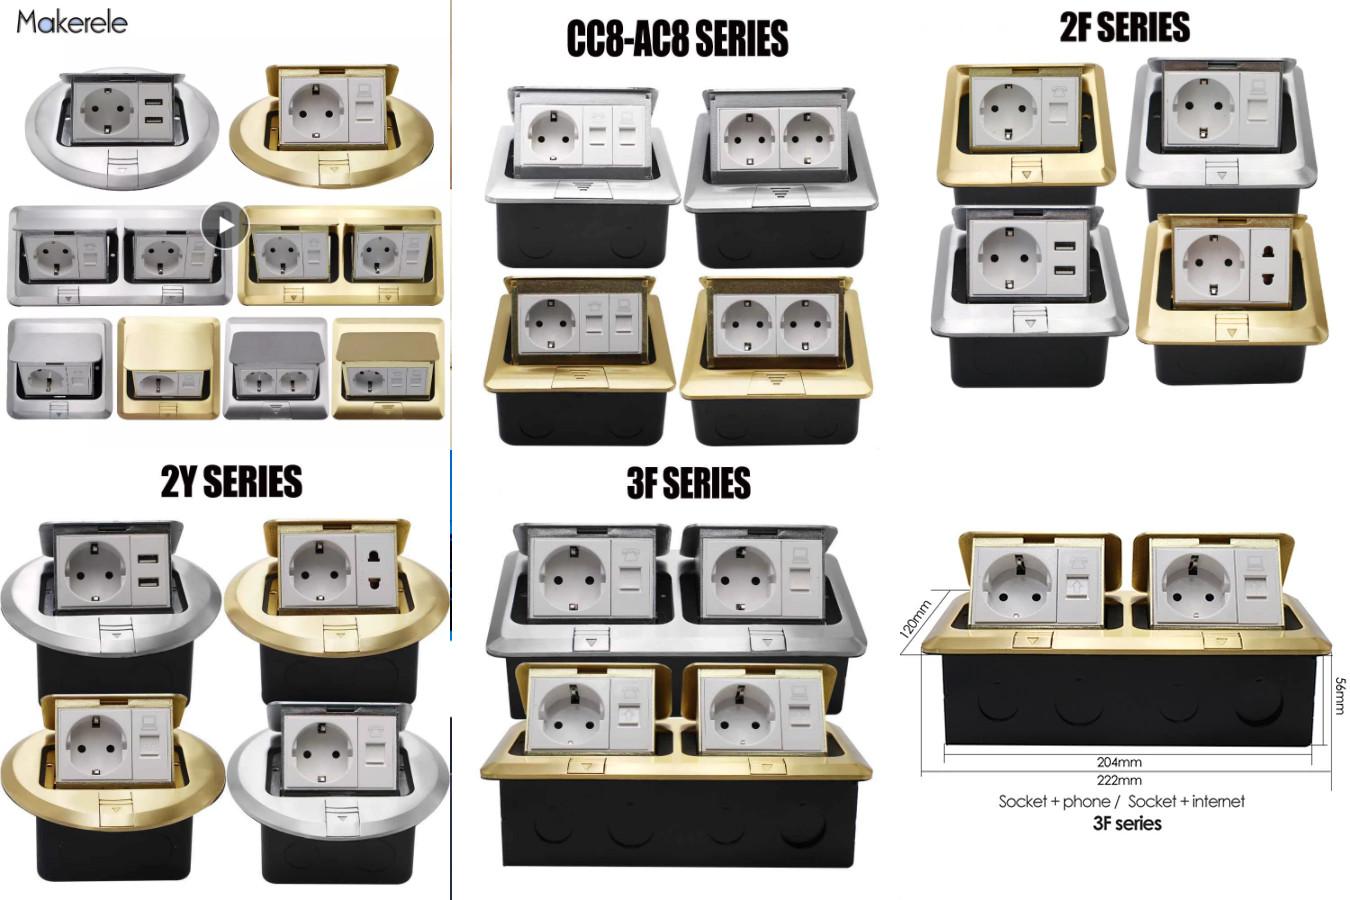 Недорогая и стильная — Makerele 2F/2Y/3F/AC8 Series